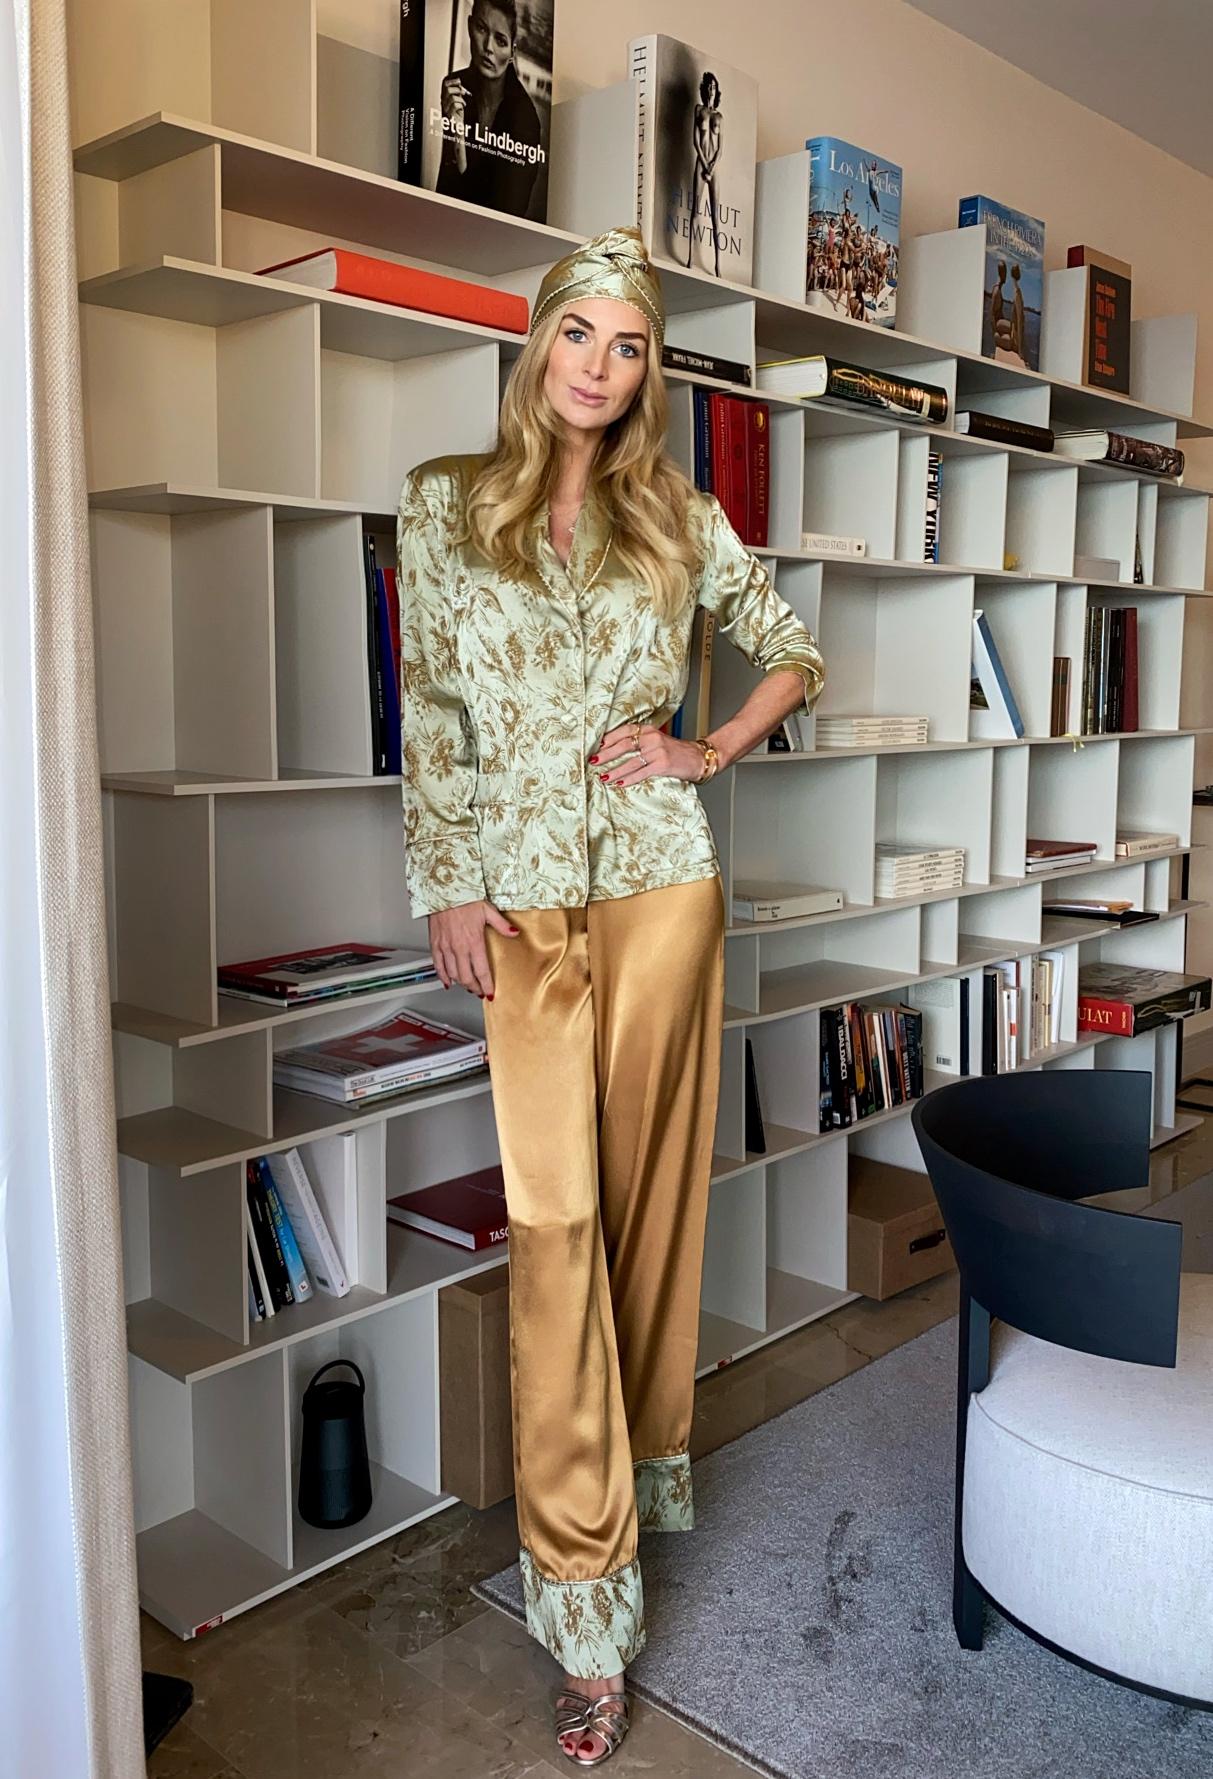 Elin Frestad in Diana d'Orville luxury silk suit - bronze & turquoise luxury loungewear